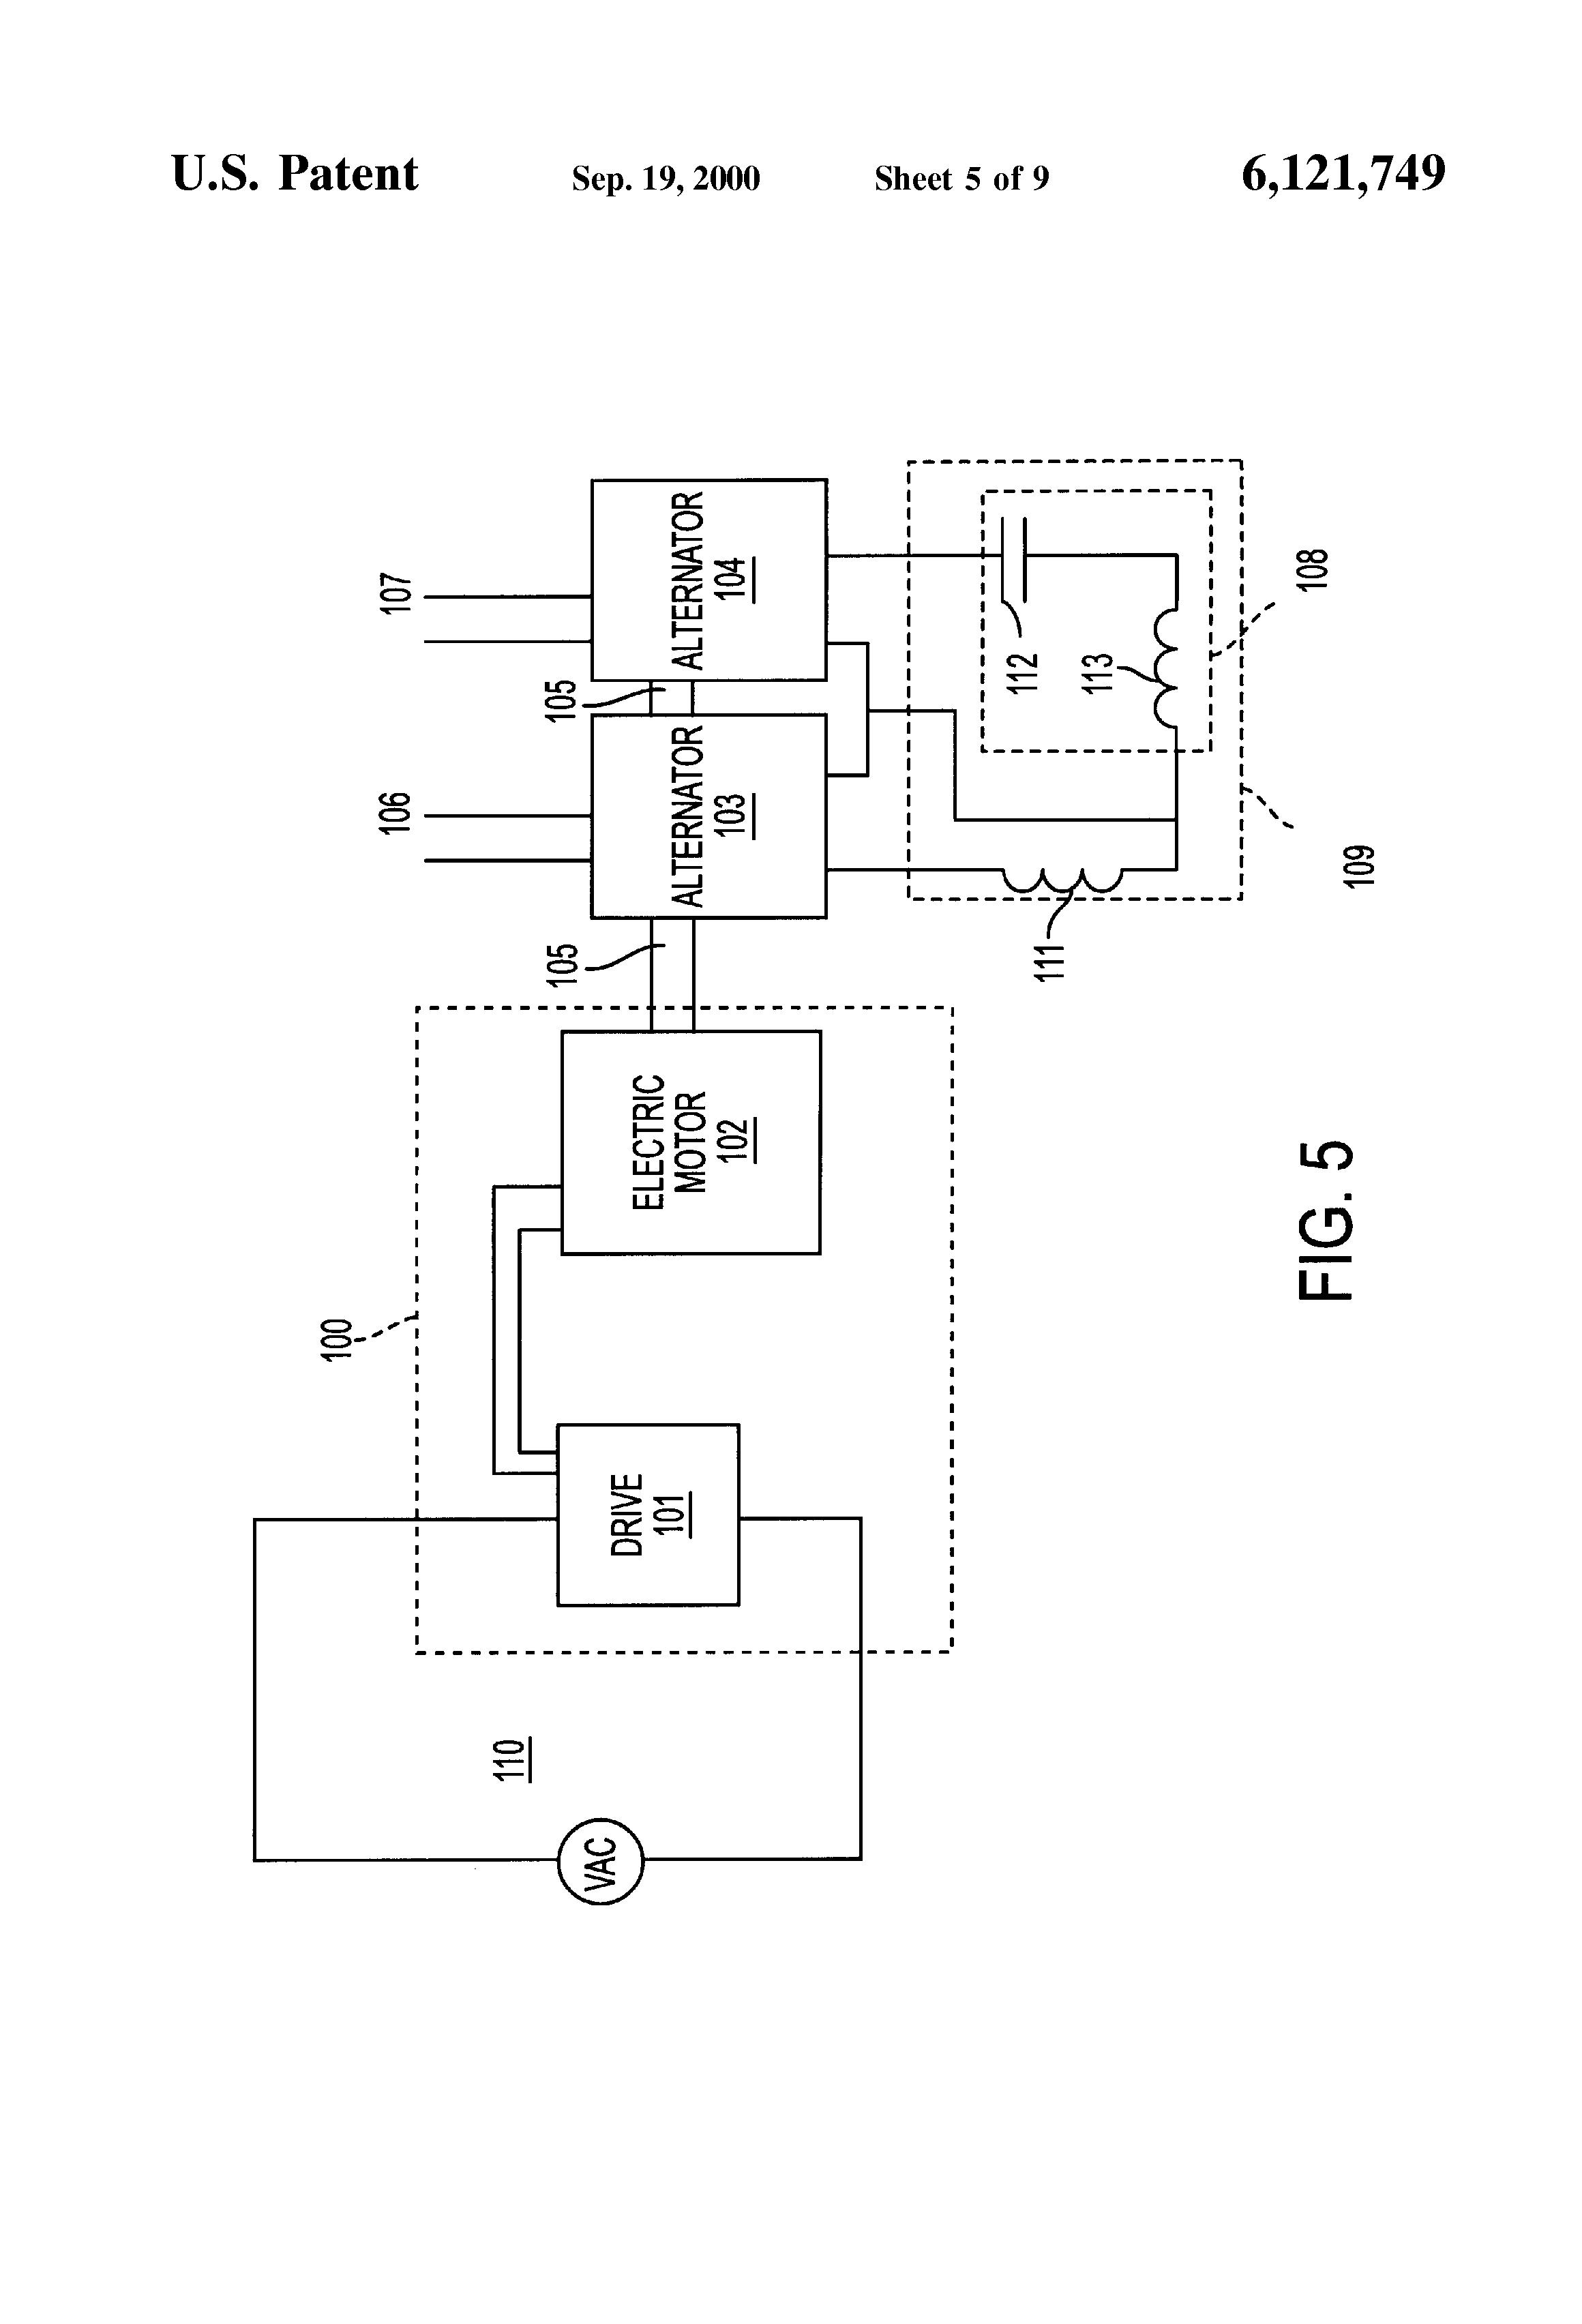 Leroy Somer Motor Wiring Diagram Single Phase Wiring Diagram